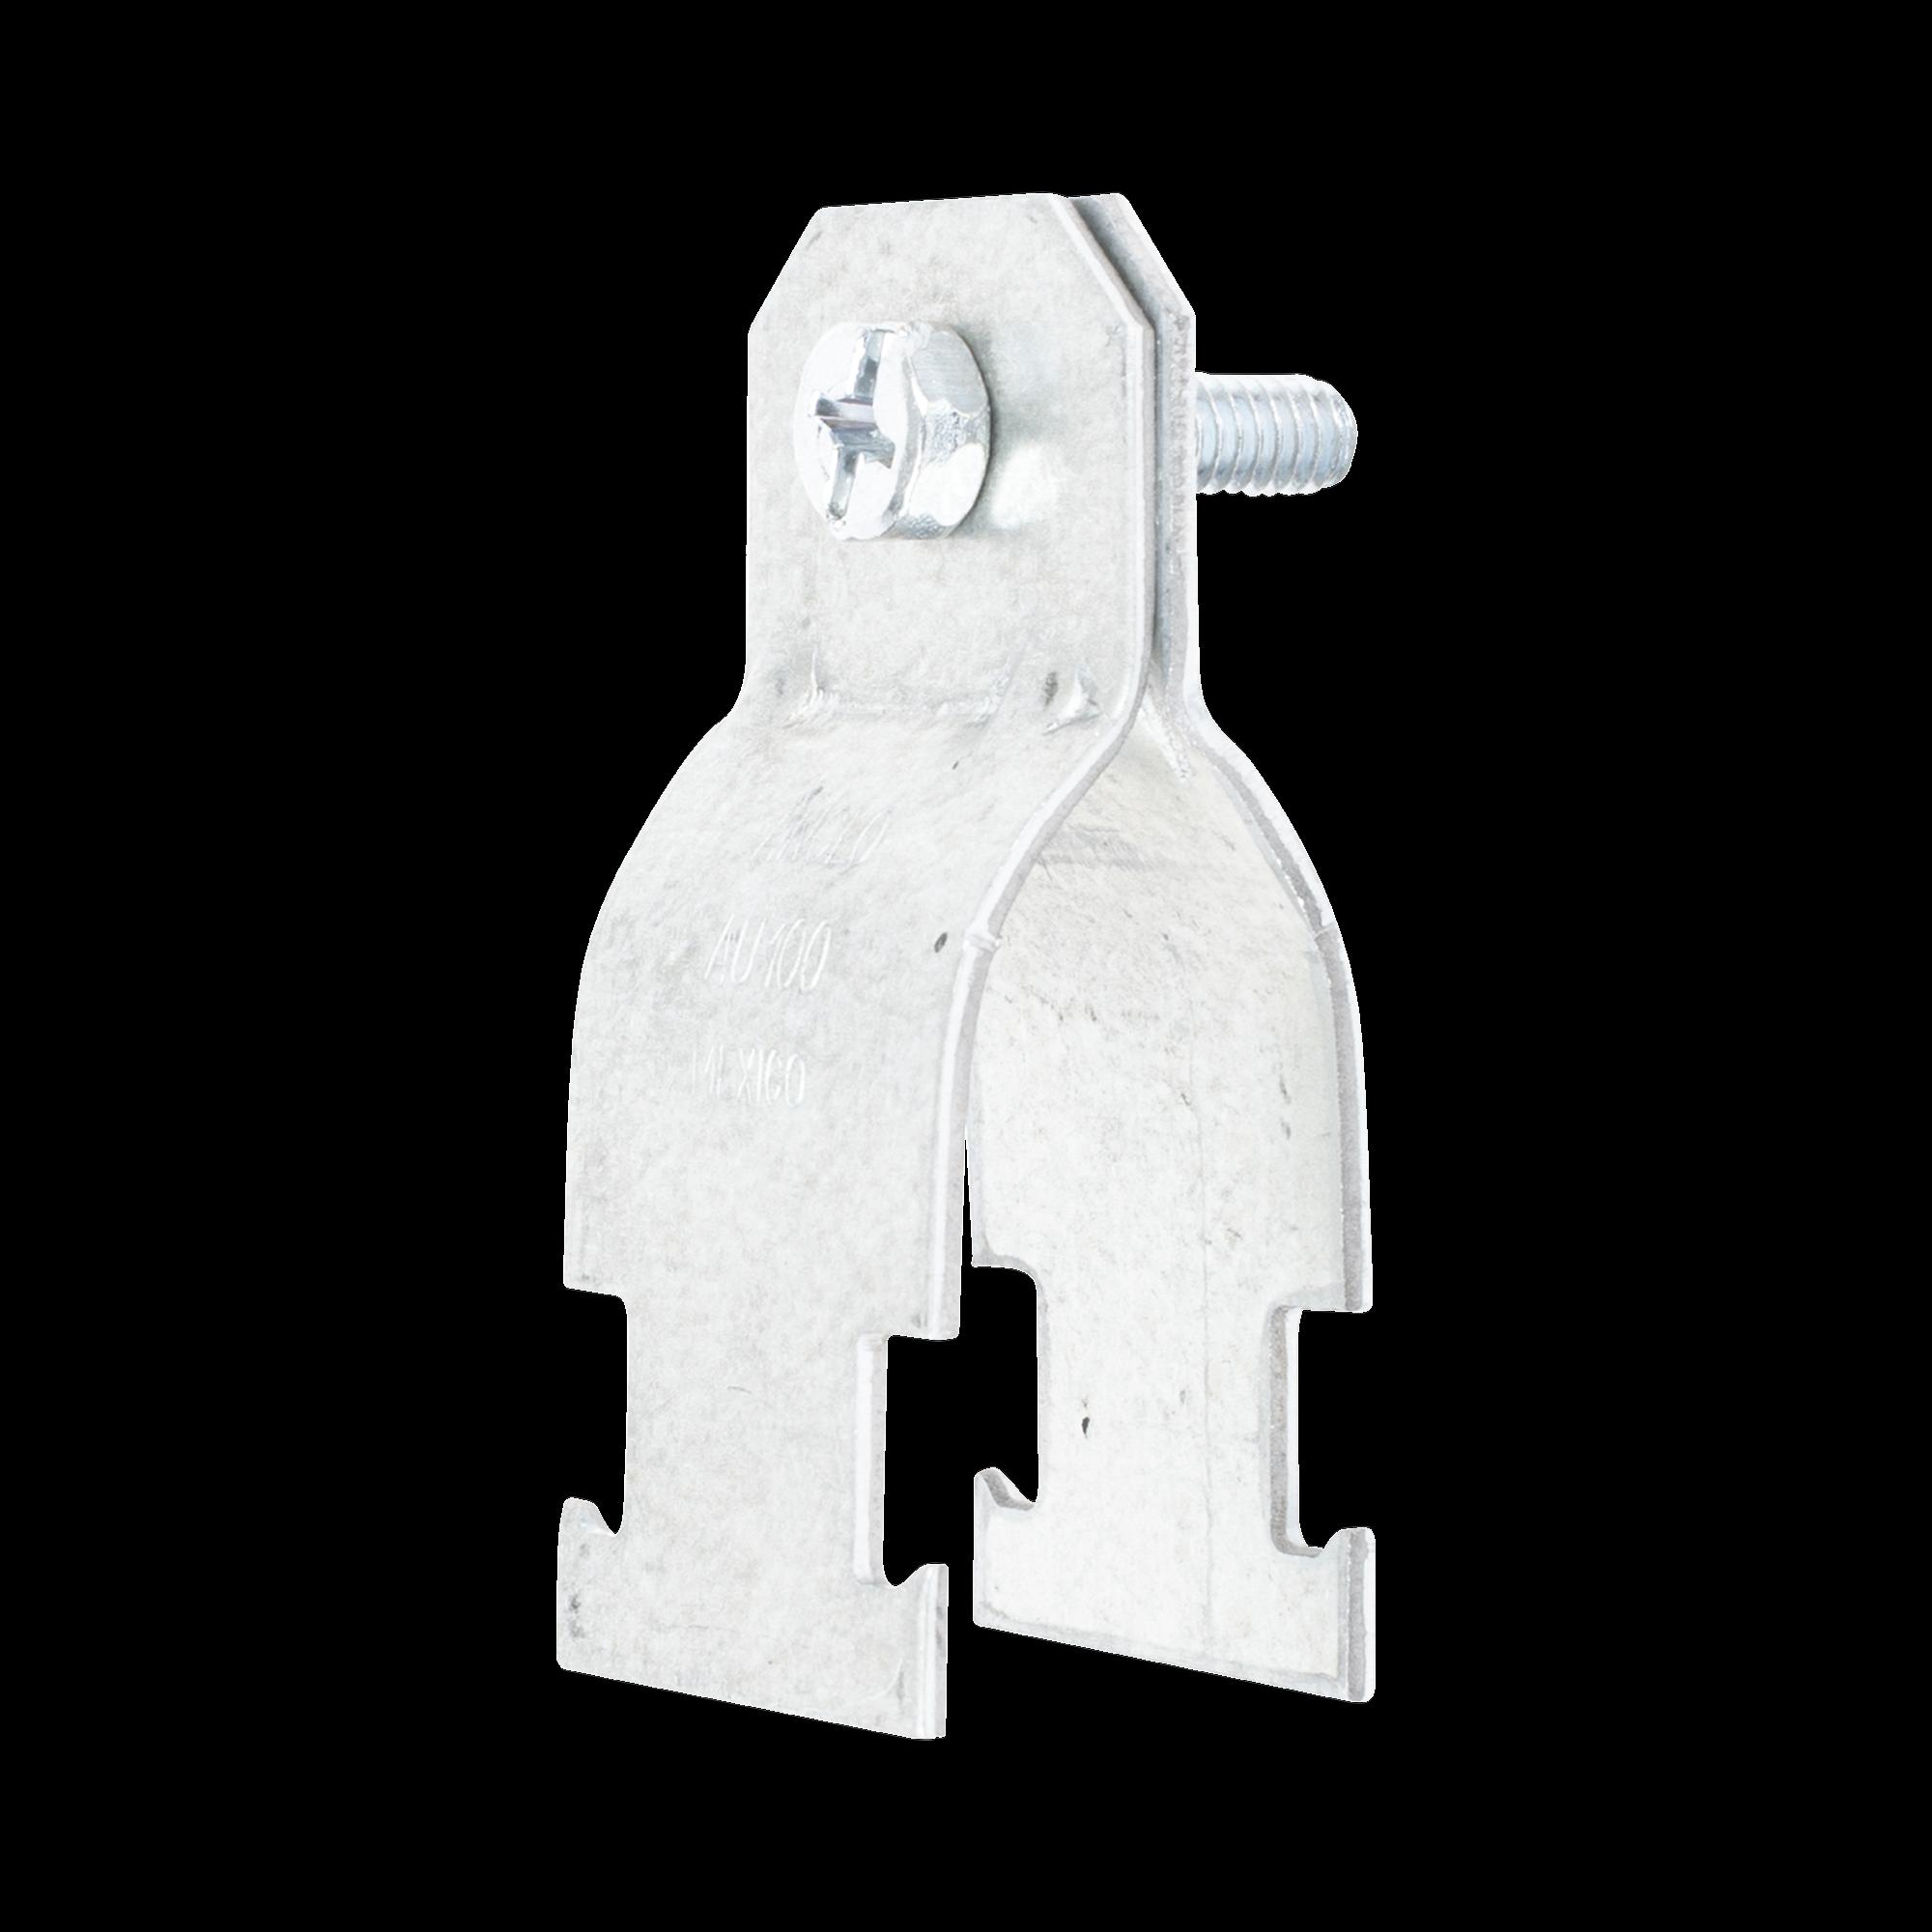 Abrazadera para Unicanal para Tubo Conduit de 1 (25 mm).